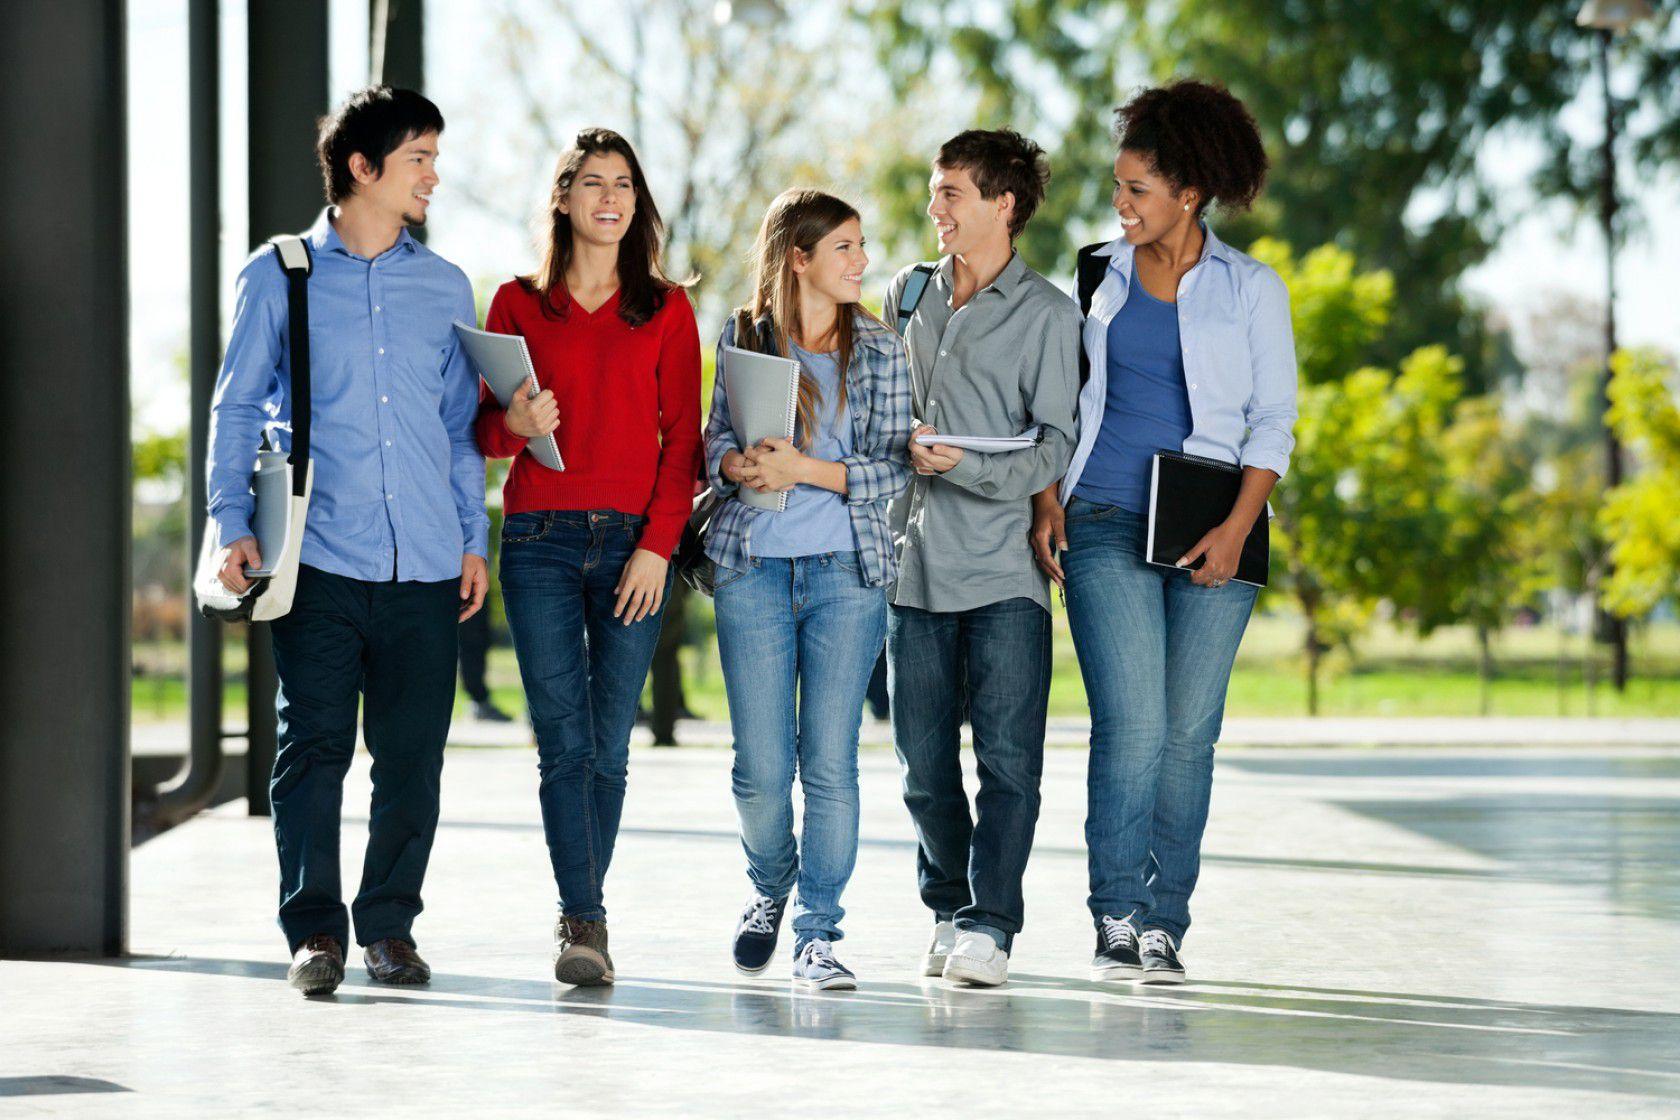 Avustralya'da Özel Okul Veli Görüşleri